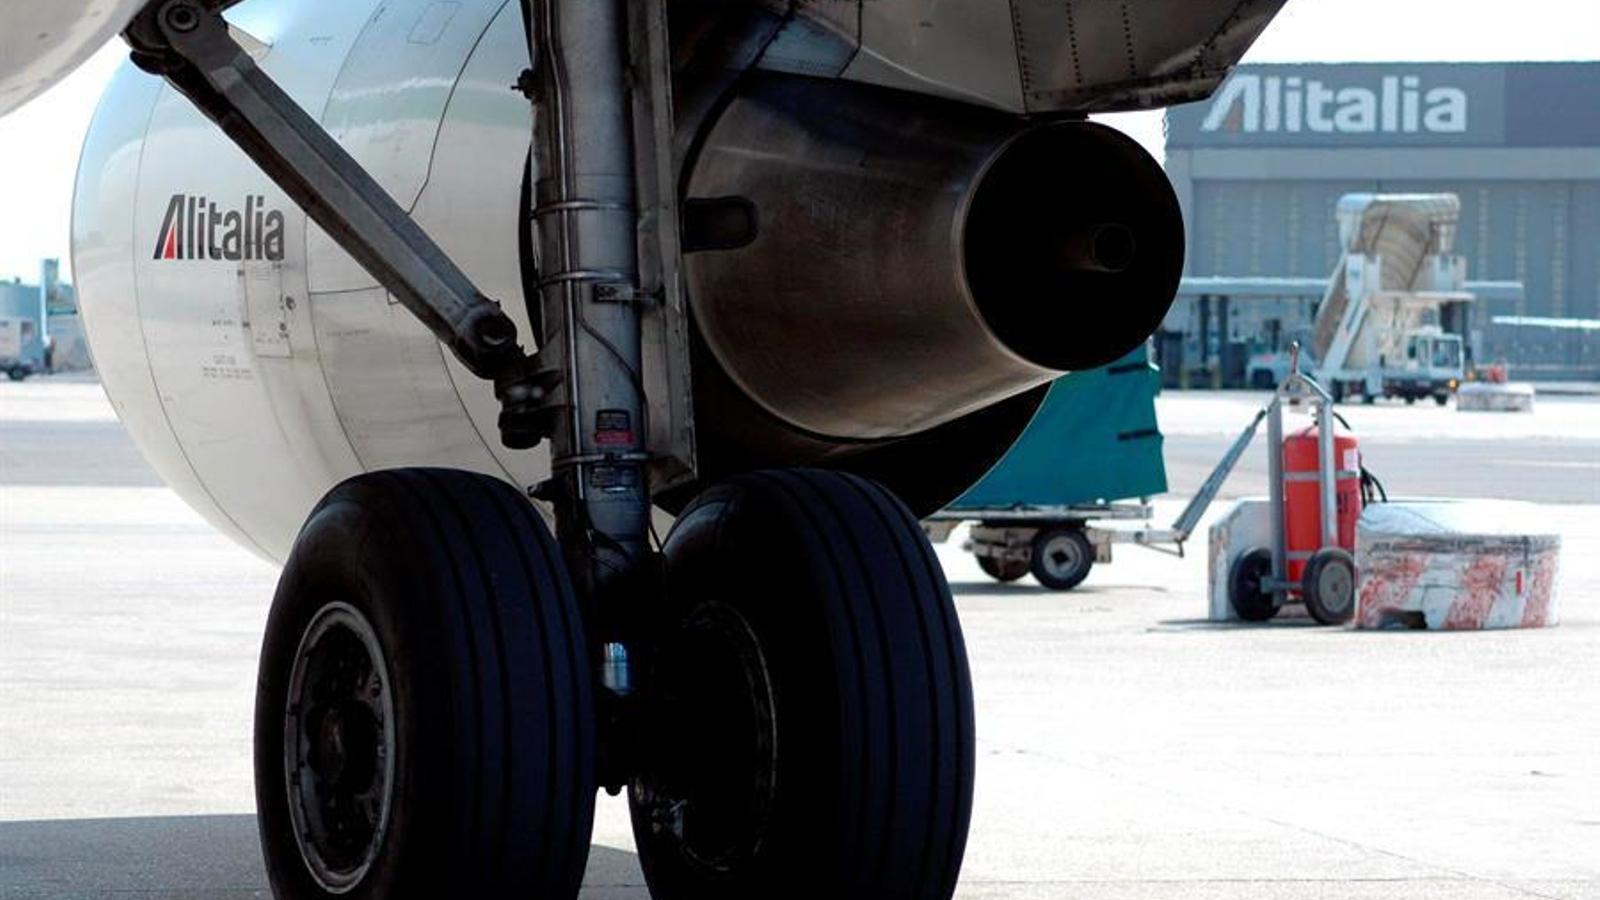 Un avió d'Aliatalia a l'aeroport de Roma. EFE